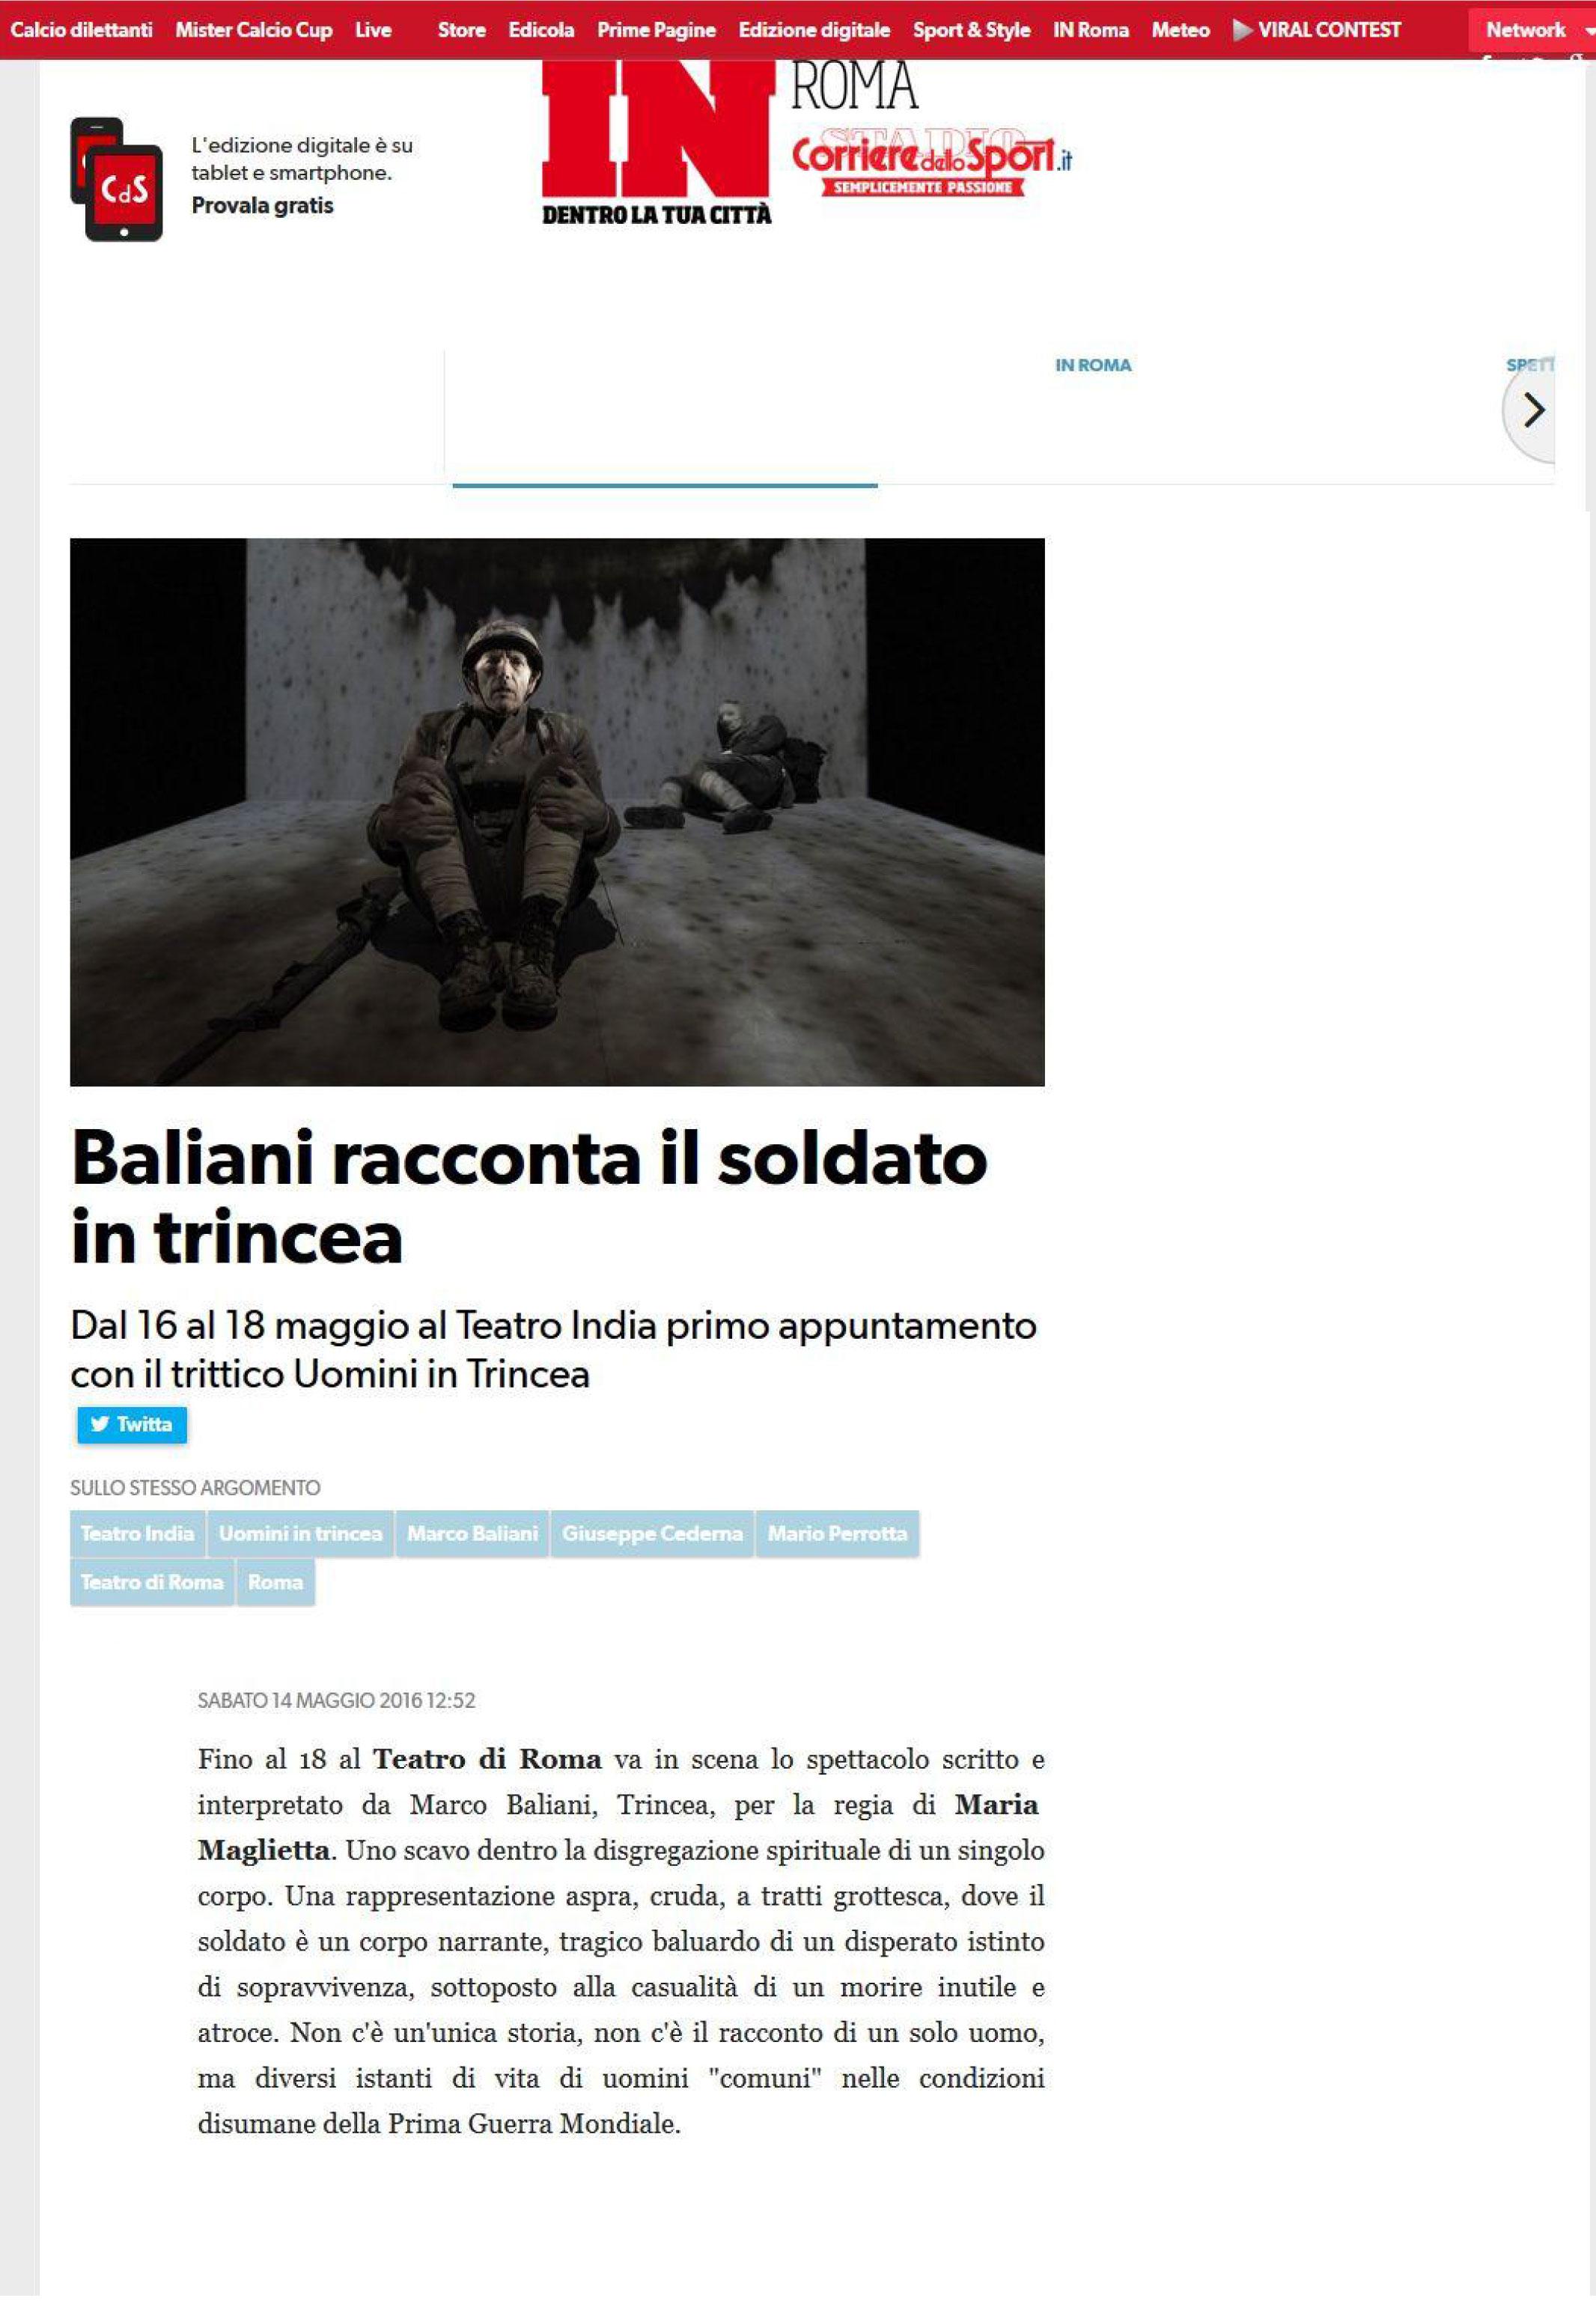 2016_05_14_corriere-dello-sport_Baliani-racconta-il-soldato-in-trincea-1